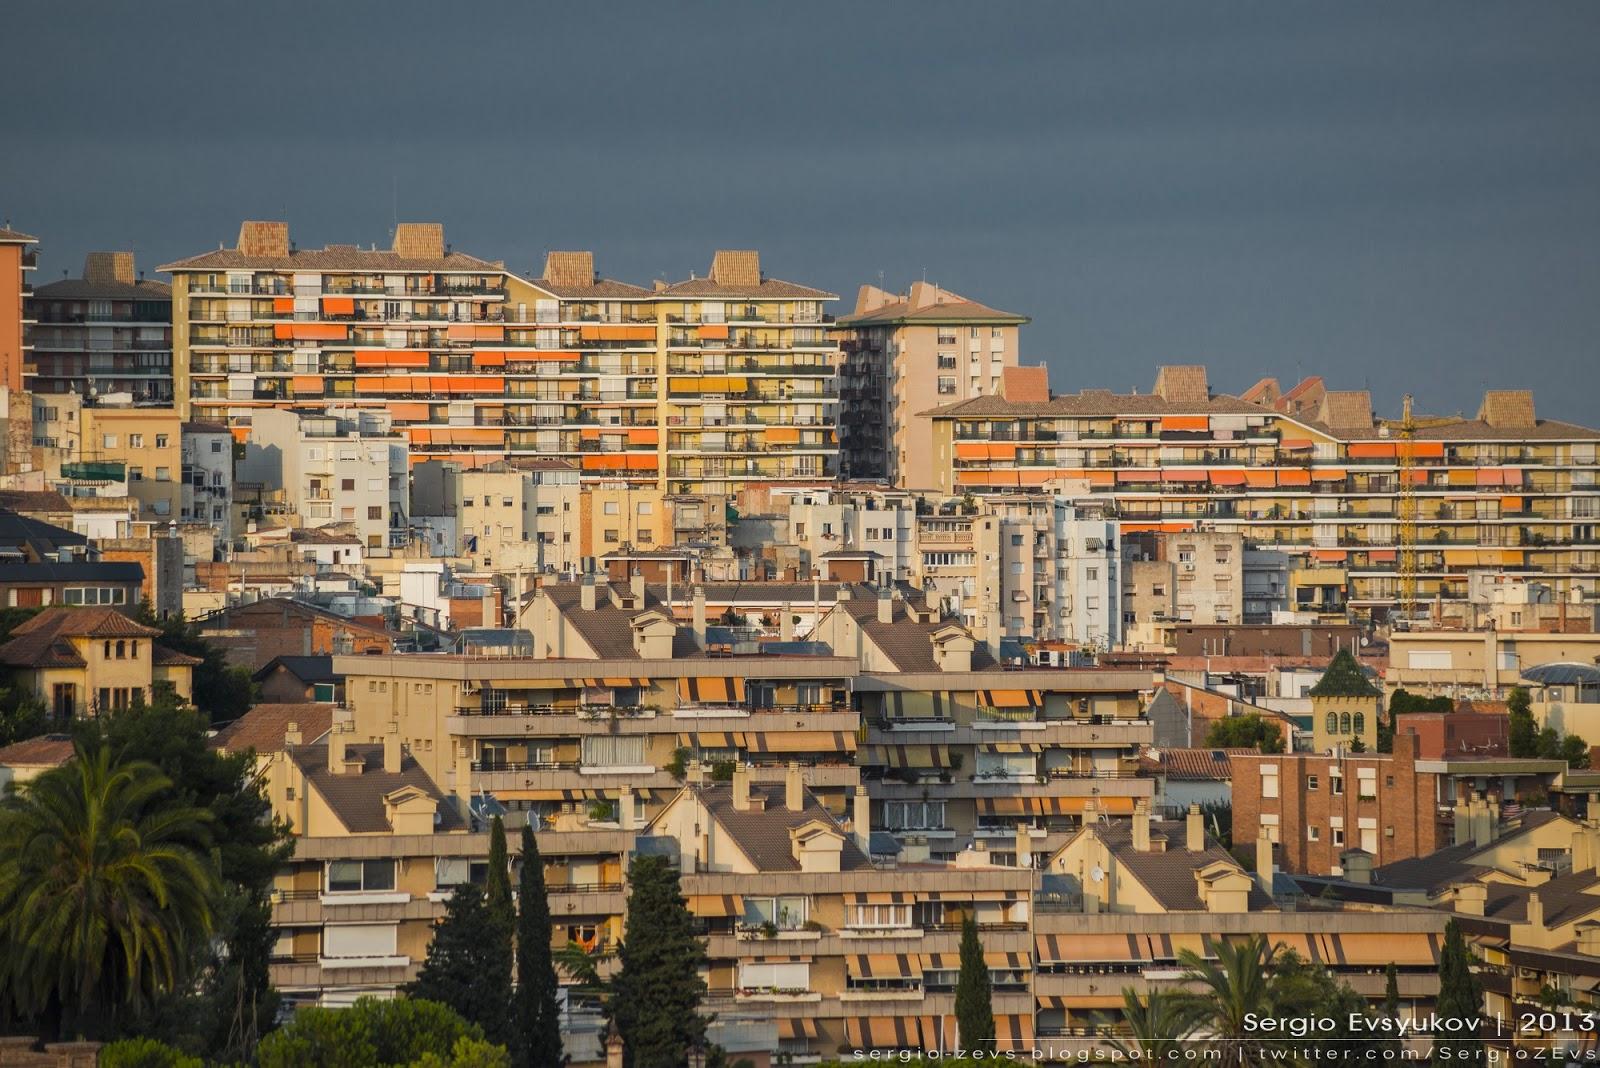 Жилые дома в Барселоне